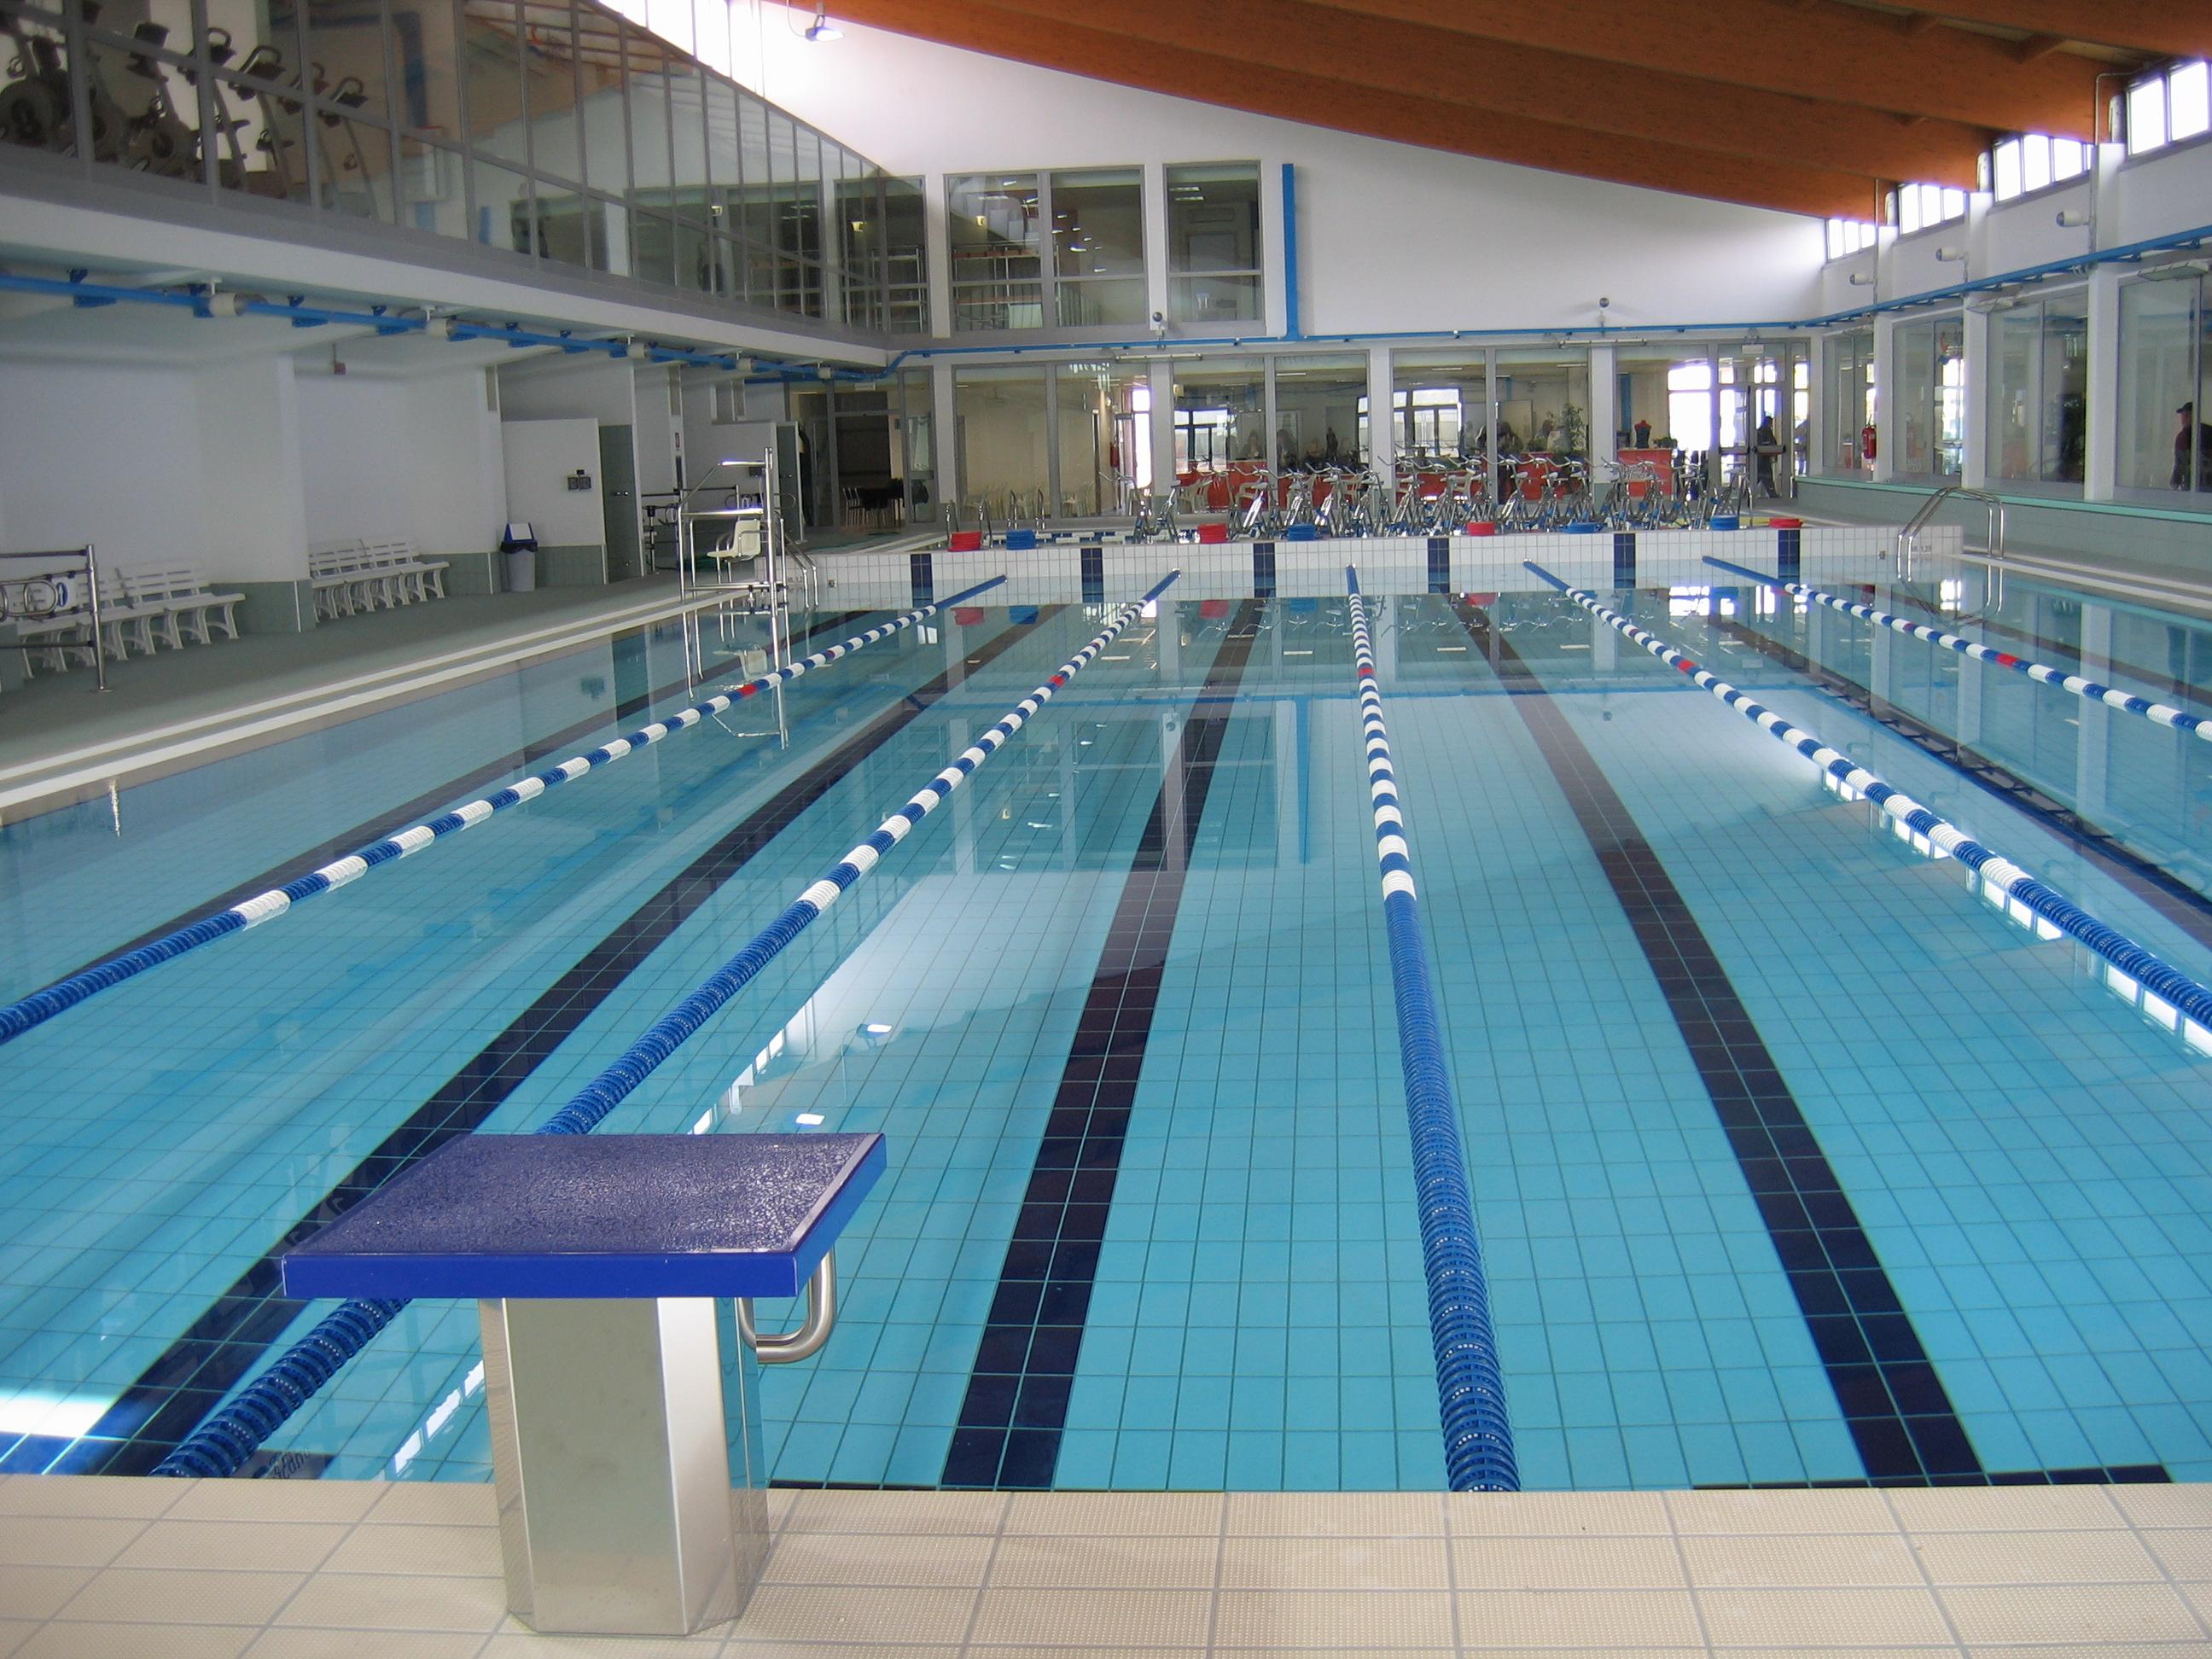 Acqua fitness piscina palestra ozzano ozzano turismo - Piscina ozzano orari ...